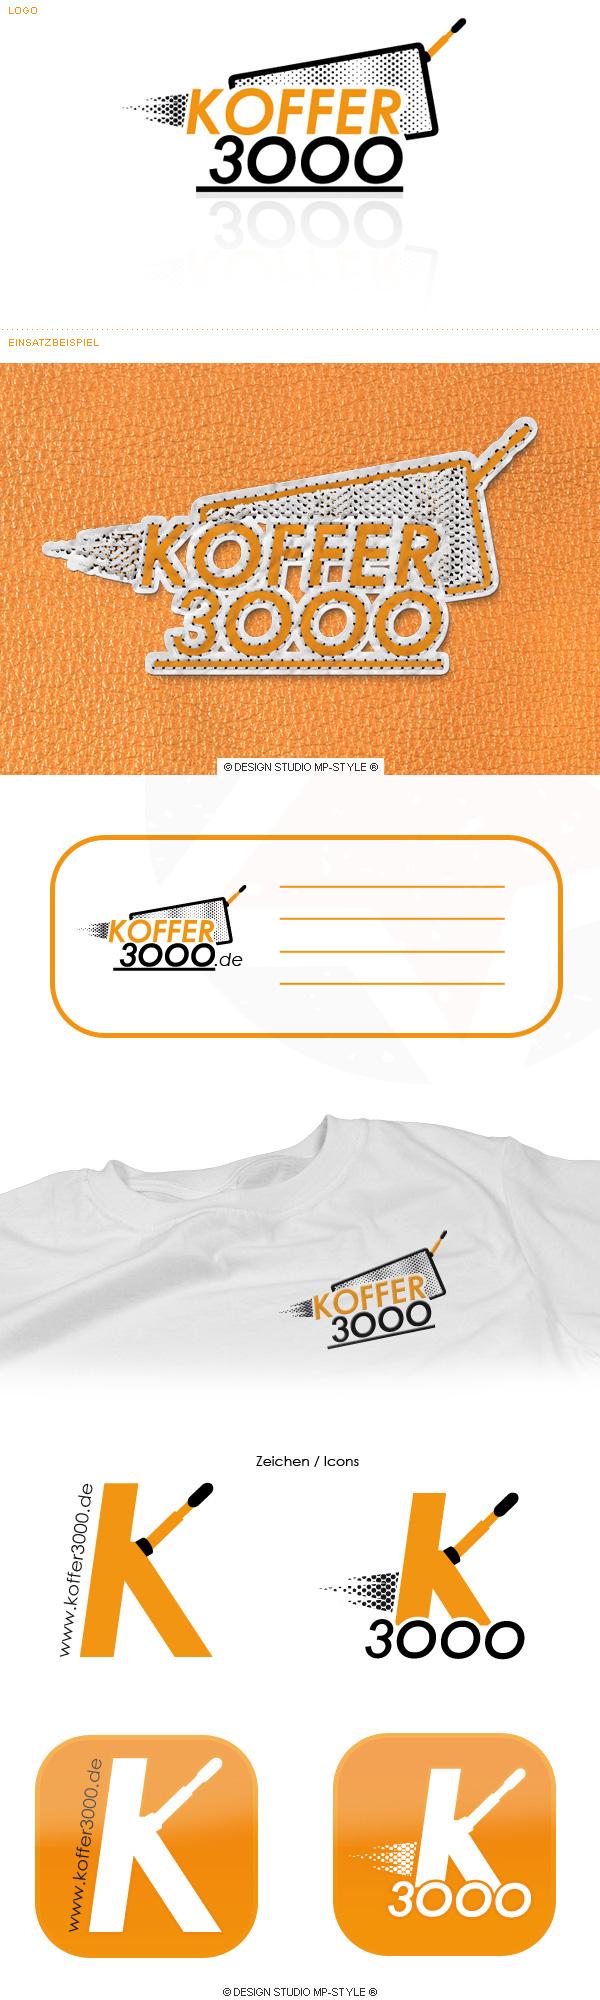 Das Logo für Koffer3000.de - Design Studio MP-STYLE®